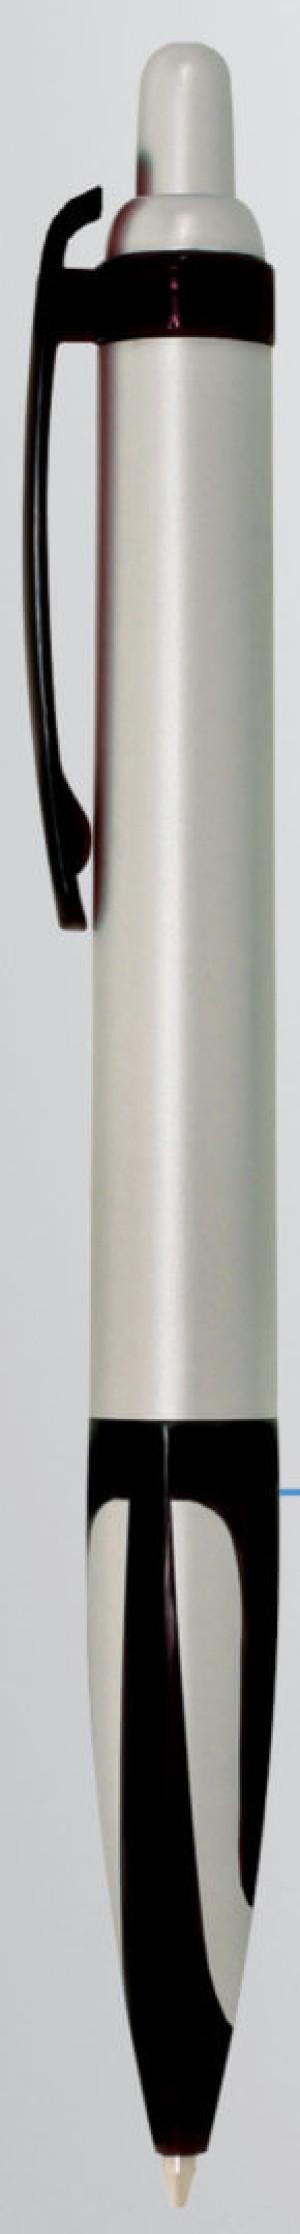 Kugelschreiber 666801